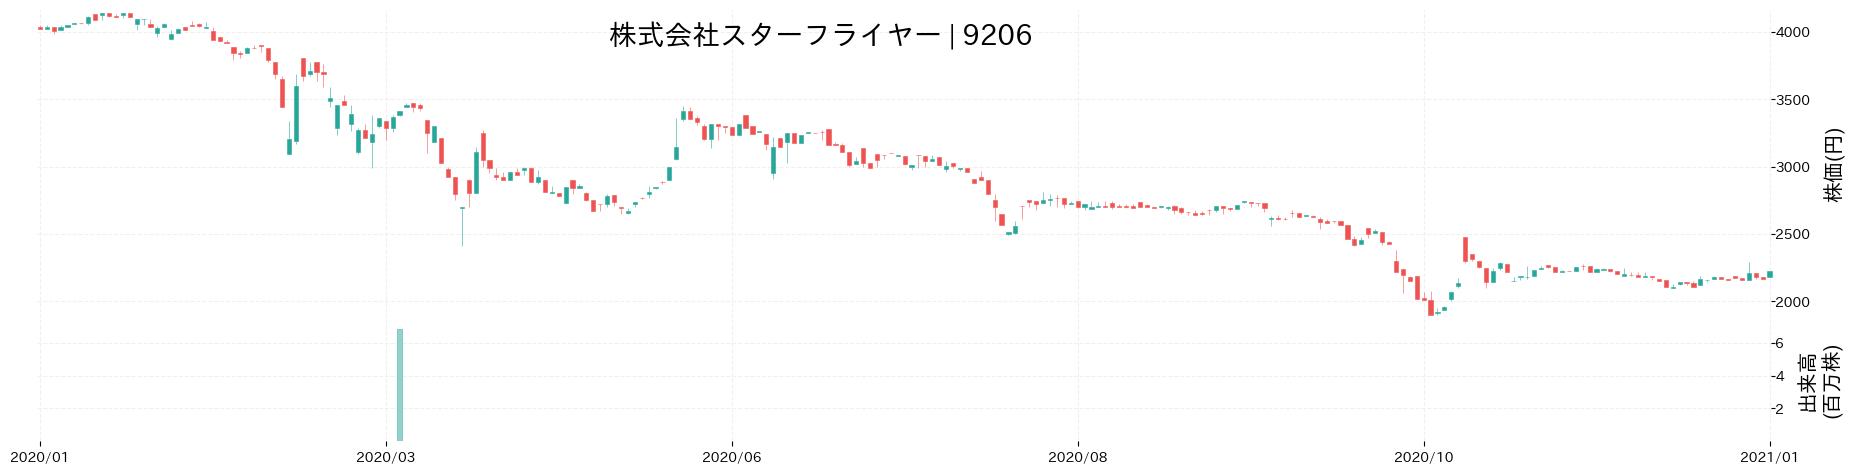 株式会社スターフライヤーの株価推移(2020)